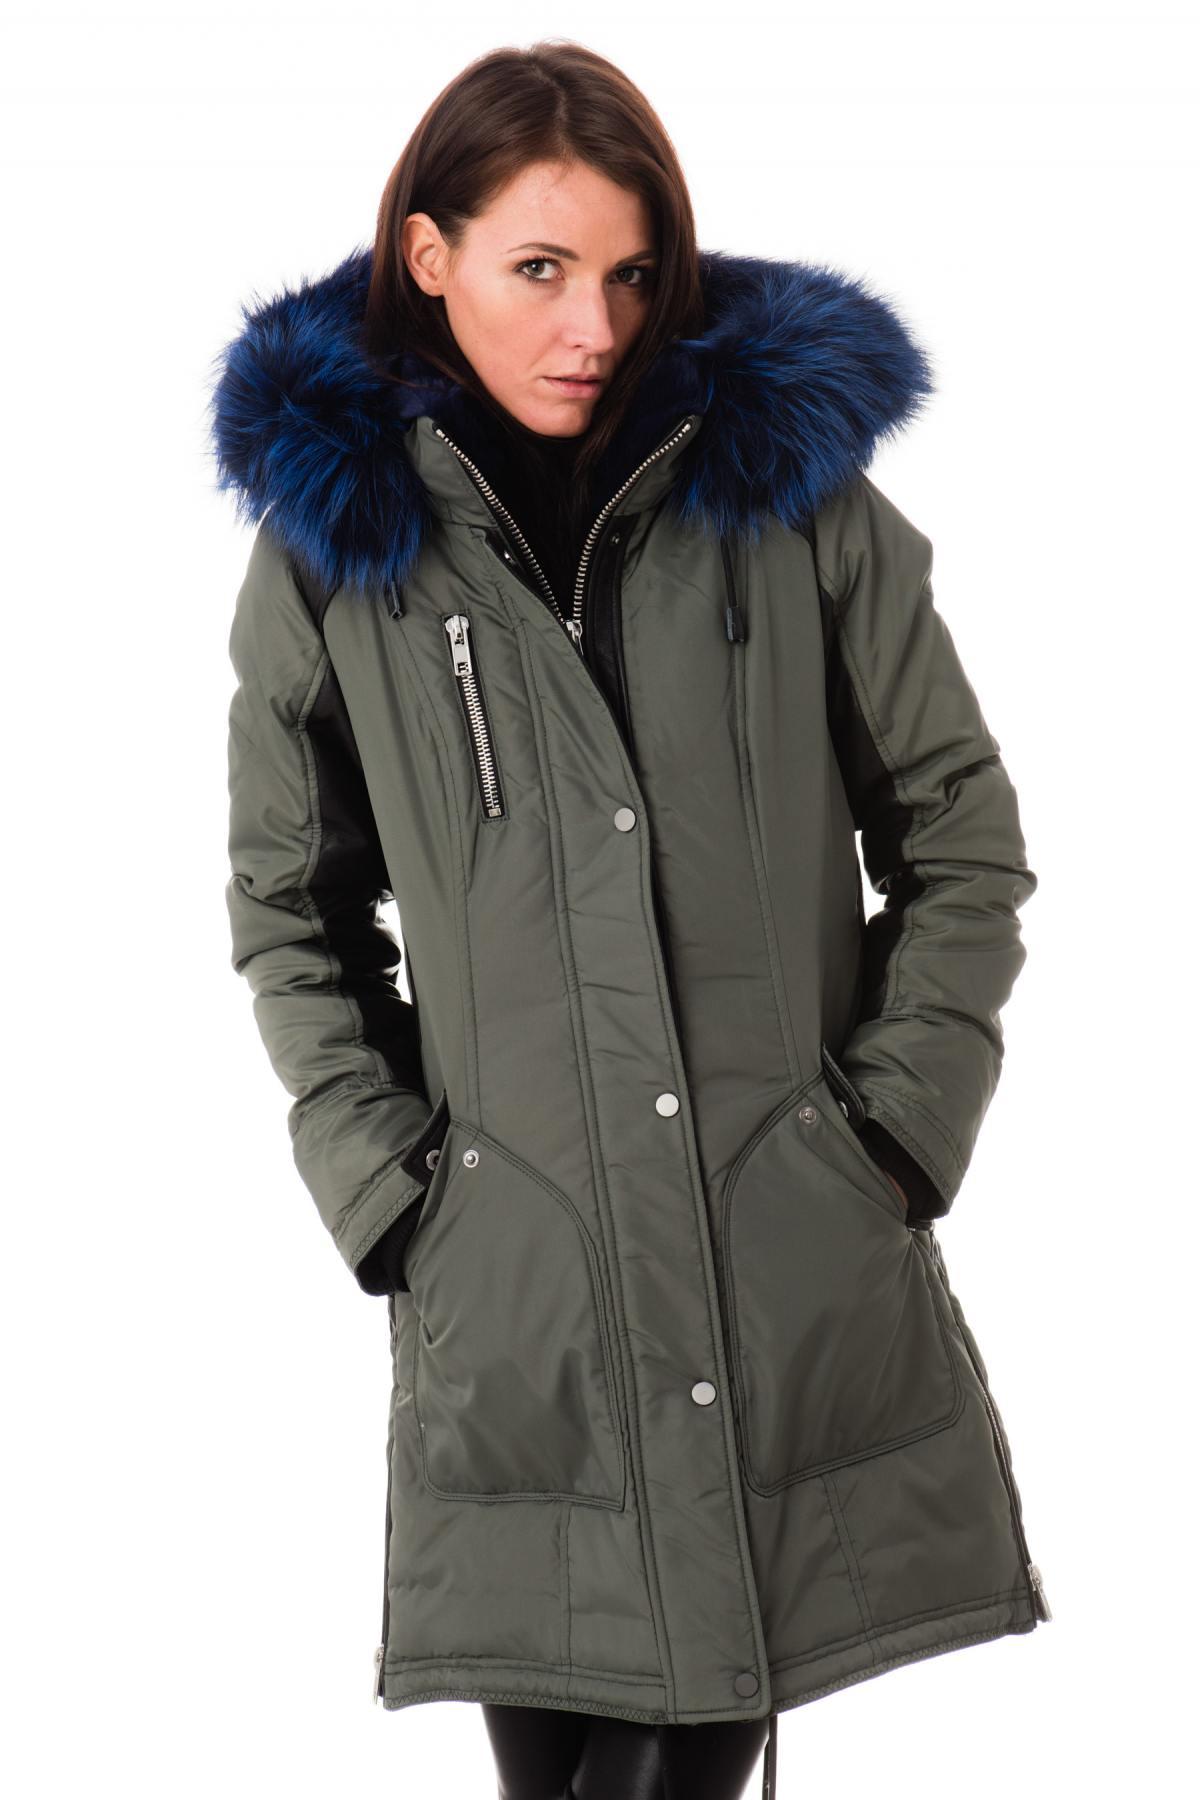 veste en cuir qui perd sa couleur les vestes la mode sont populaires partout dans le monde. Black Bedroom Furniture Sets. Home Design Ideas